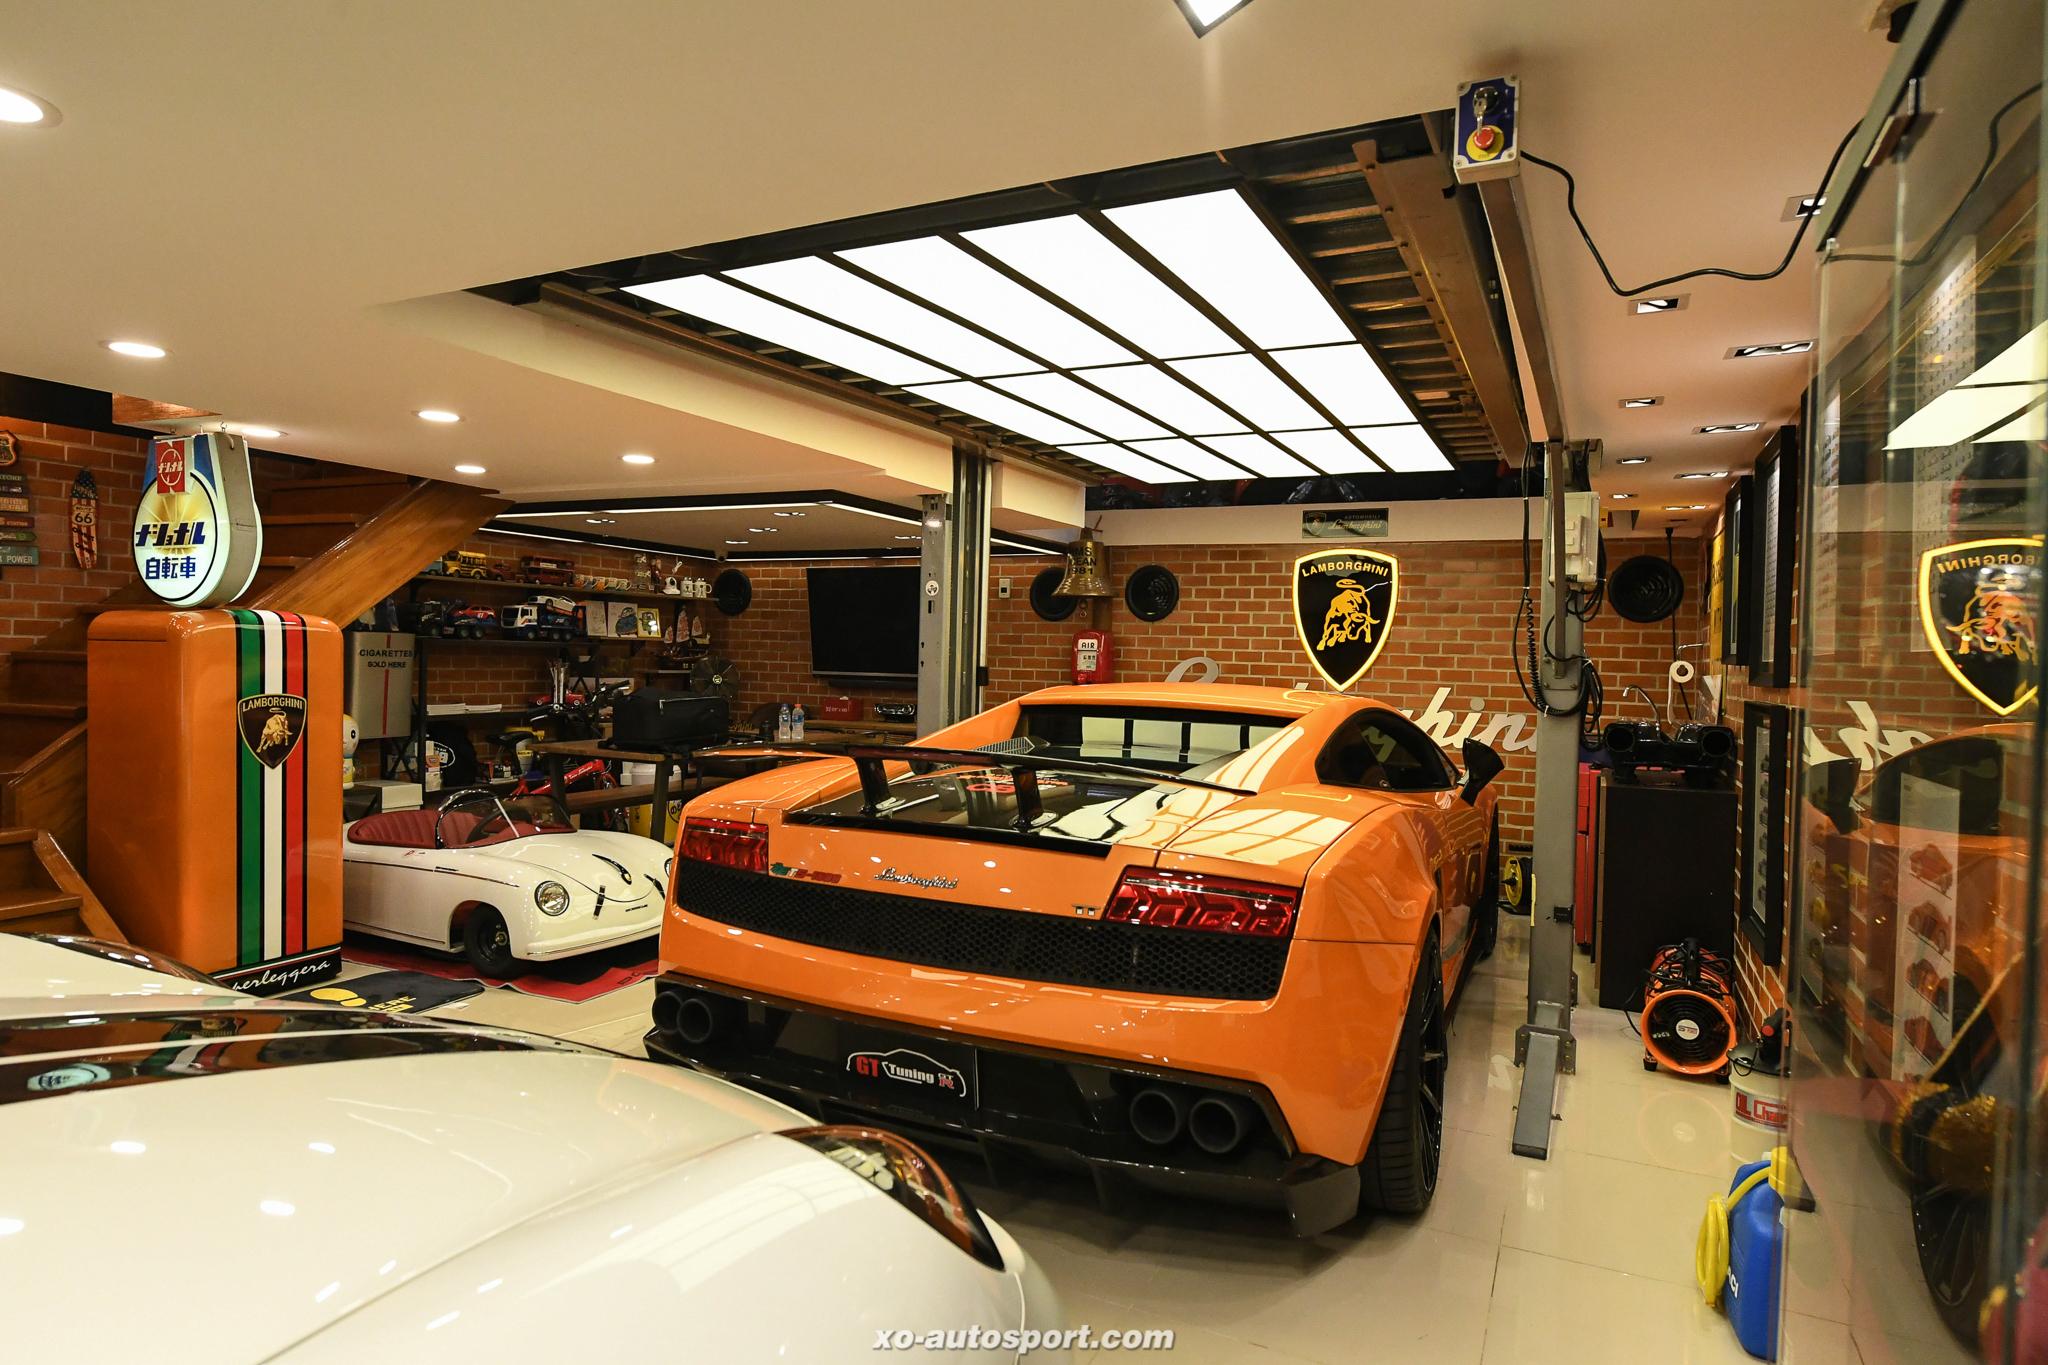 Heng Garage DSC_0701